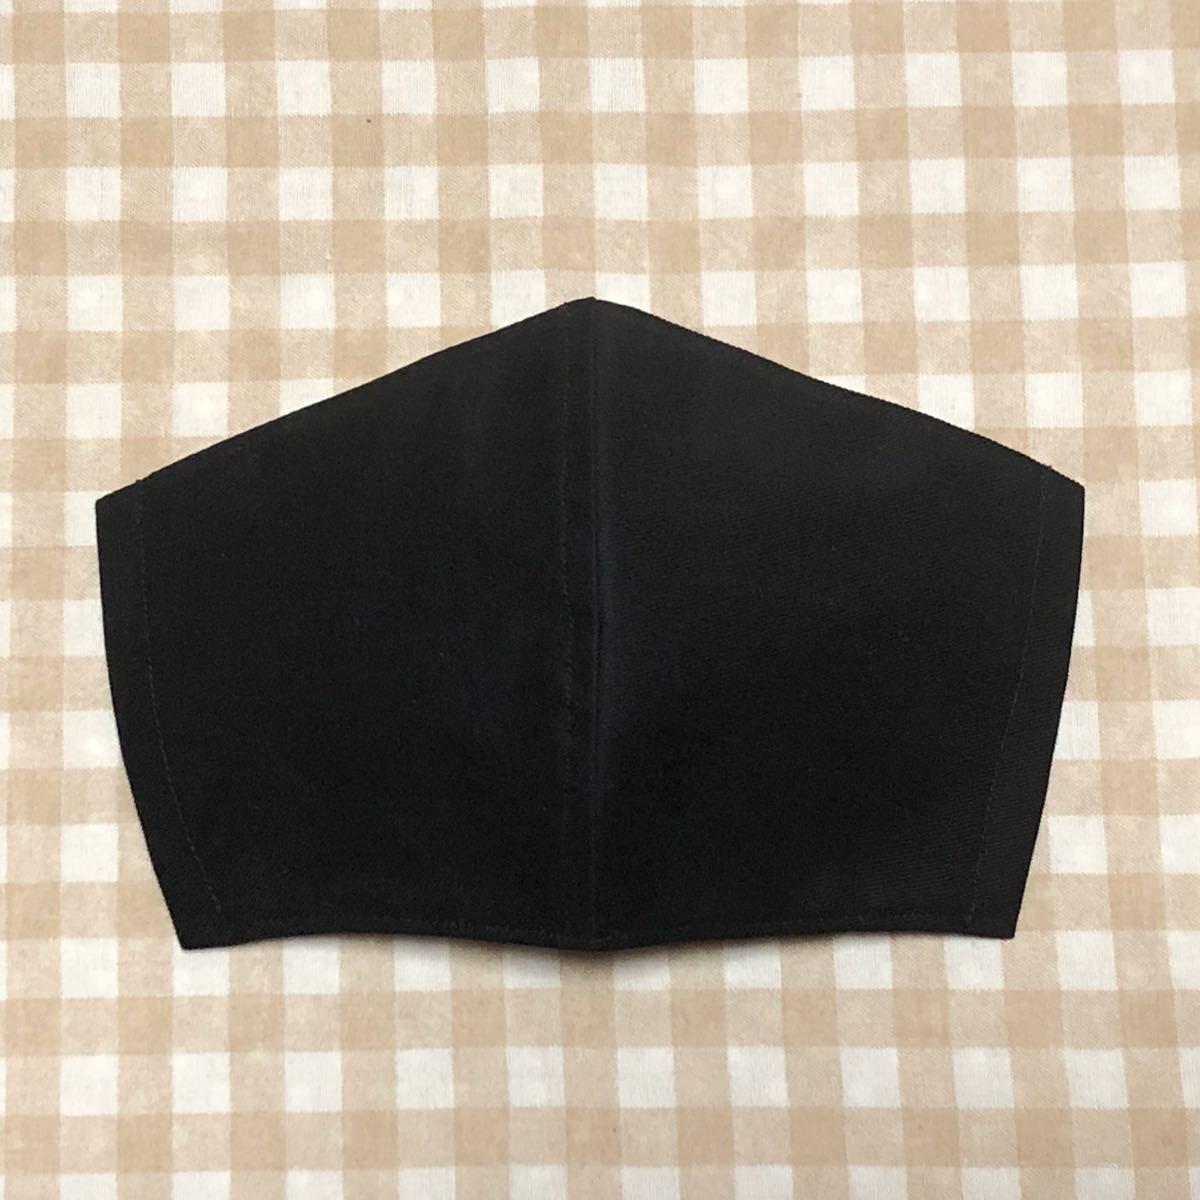 ★くま子様〜専用〜ハンドメイド・立体インナーカバー×5枚セット(ポケット付)